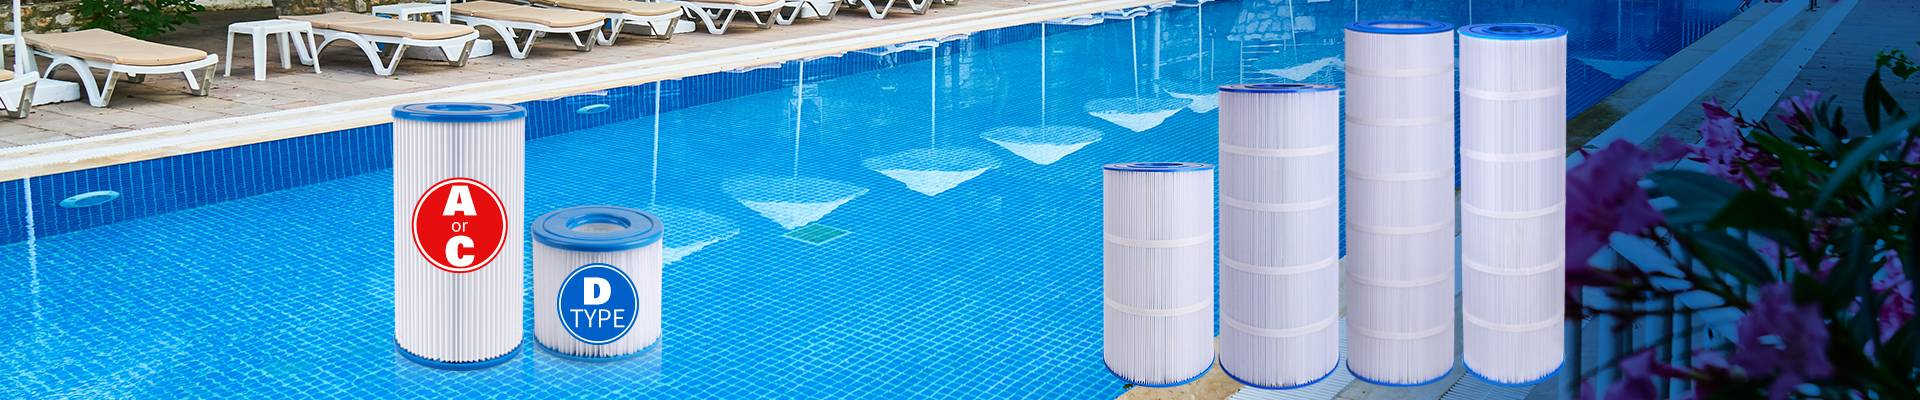 Pool Filter Cartridge